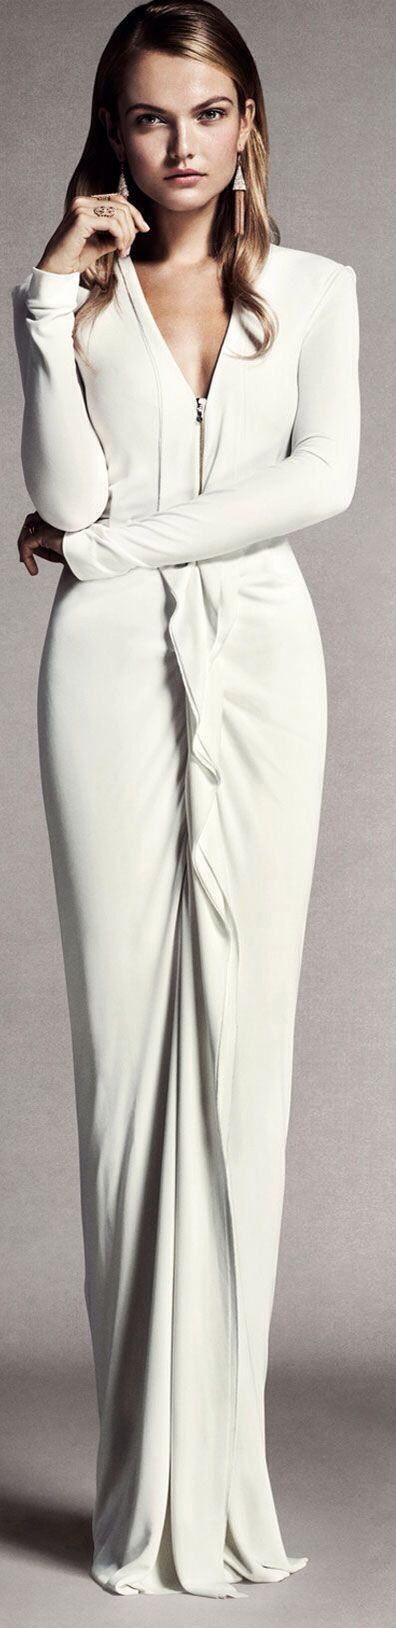 Roland Mouret via fashionista.com